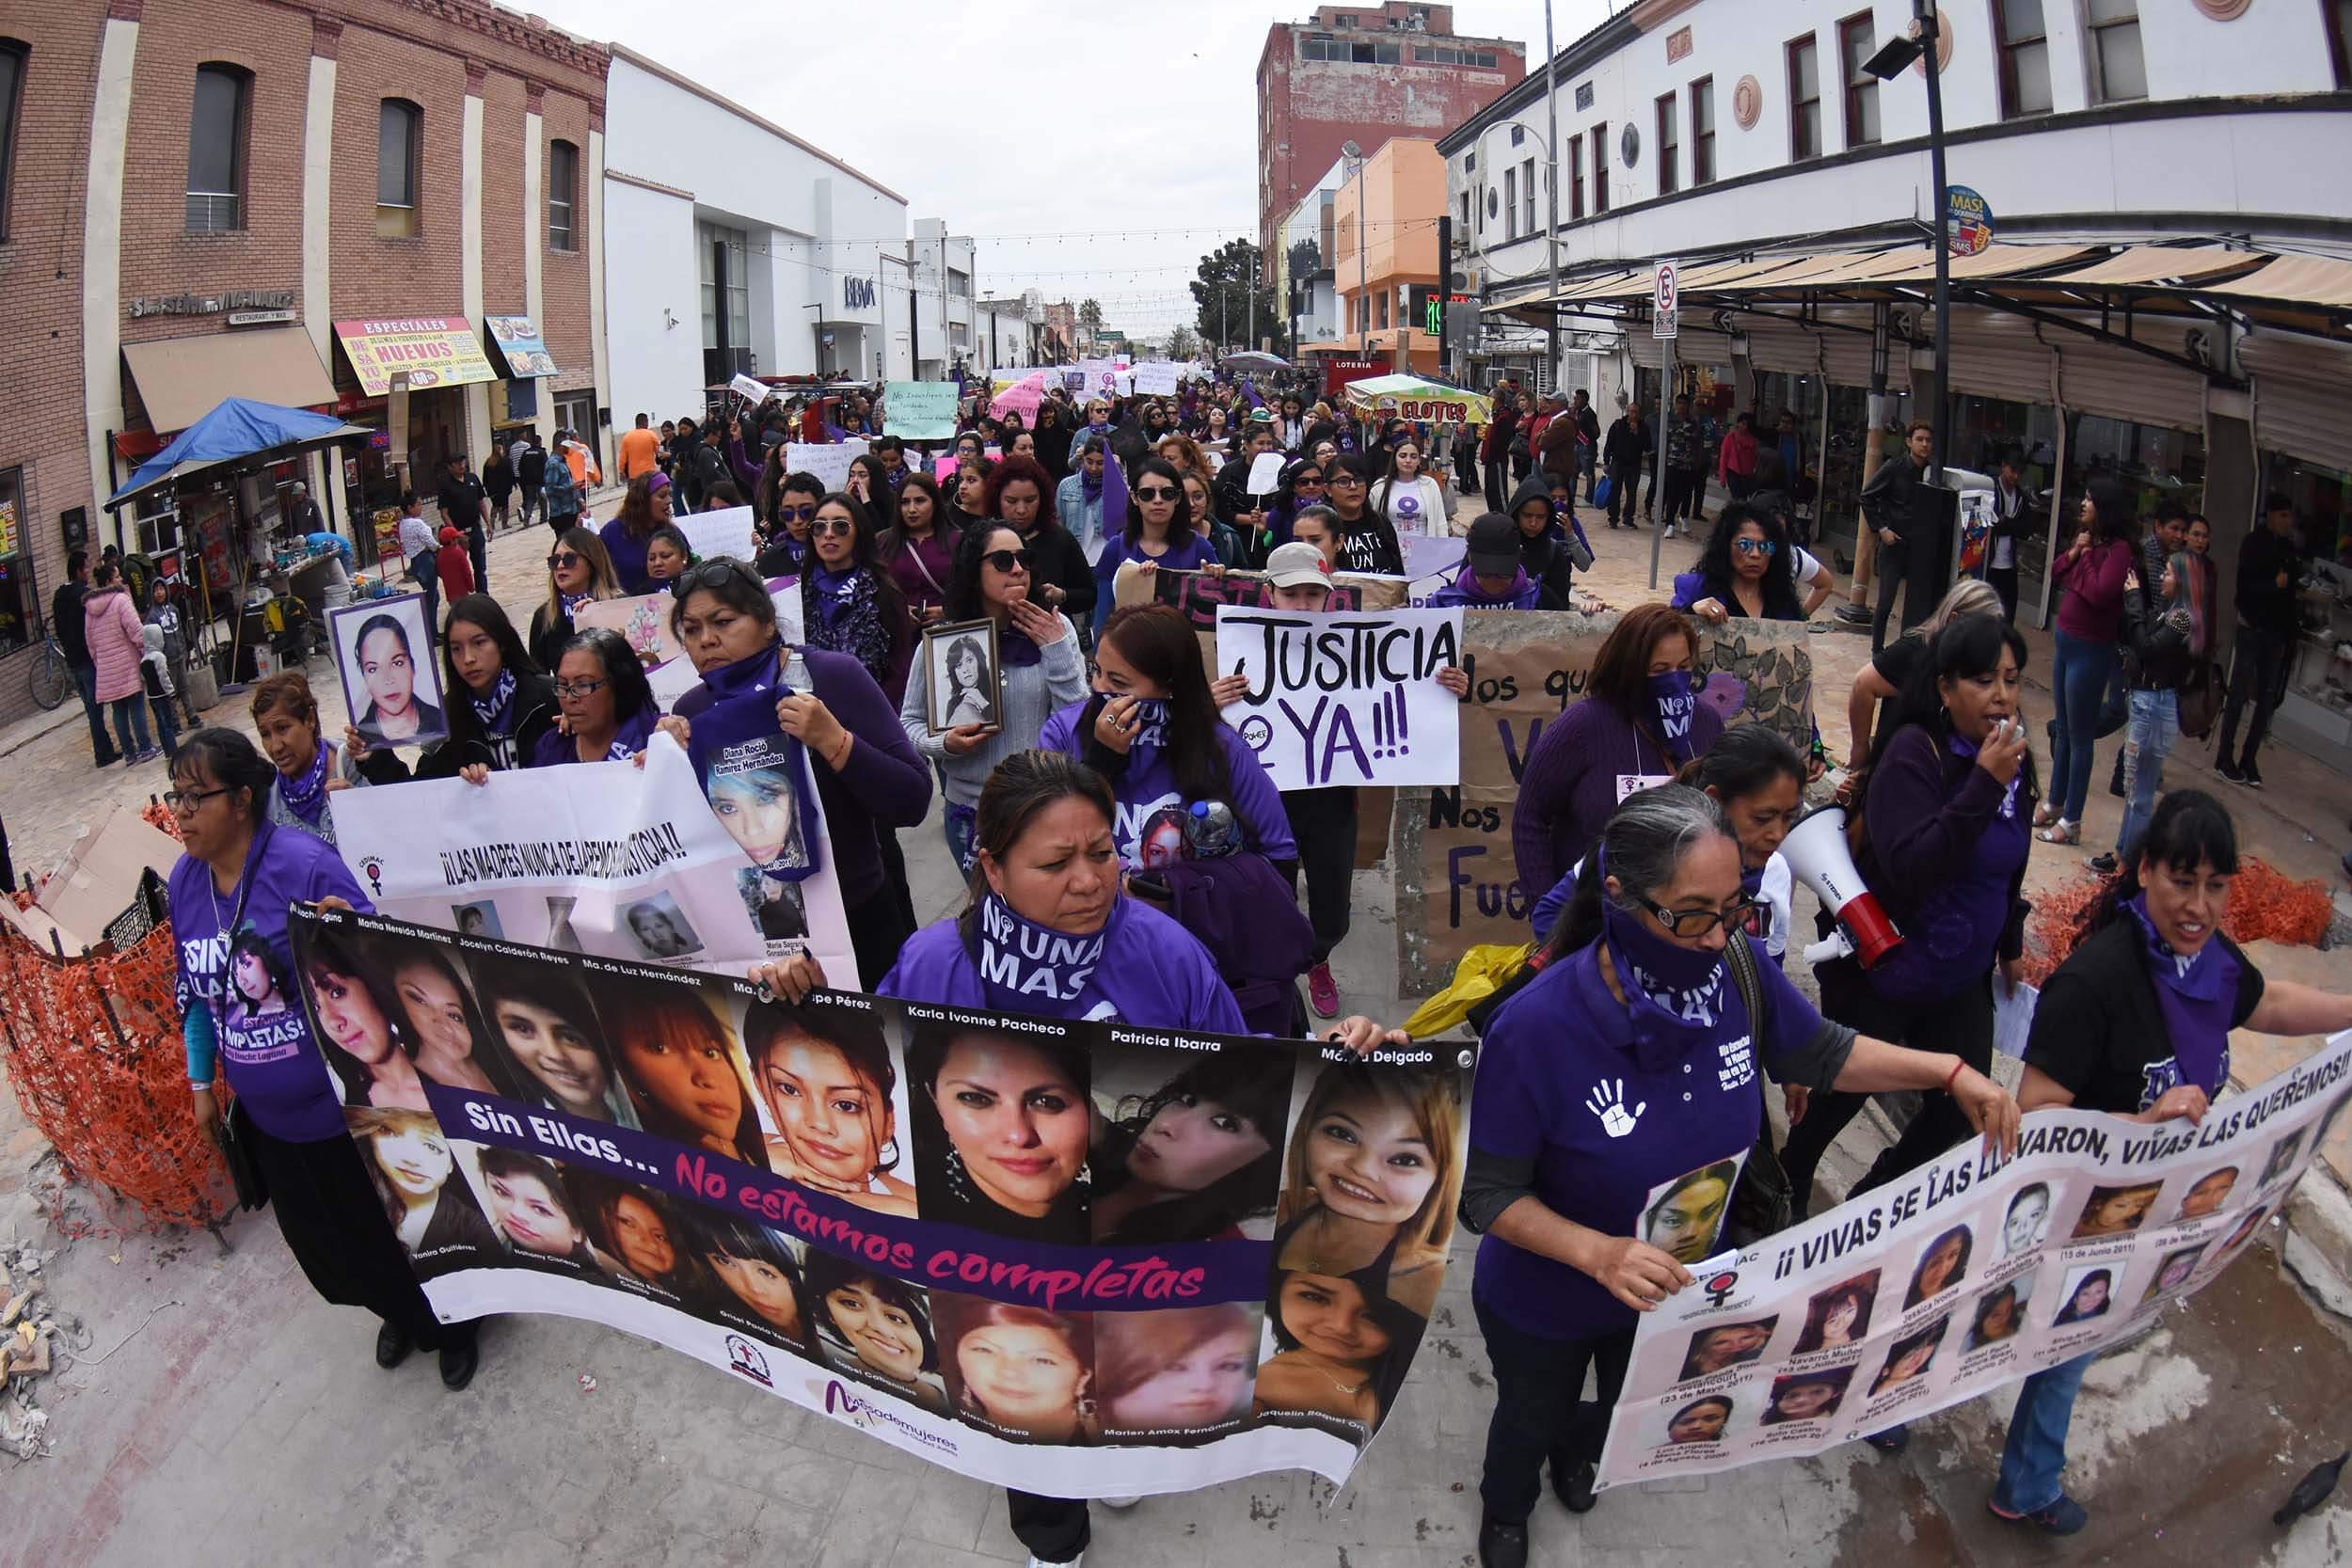 """8 de marzo. Los gritos de """"justicia, ya"""" y """"ni una asesinada más"""" se escucharon con fuerza en el centro de Ciudad Juárez, por donde cientos de mujeres marcharon por las víctimas de desaparición y feminicidio, actividad convocada por la red. Foto: Rey R. Jáuregui"""